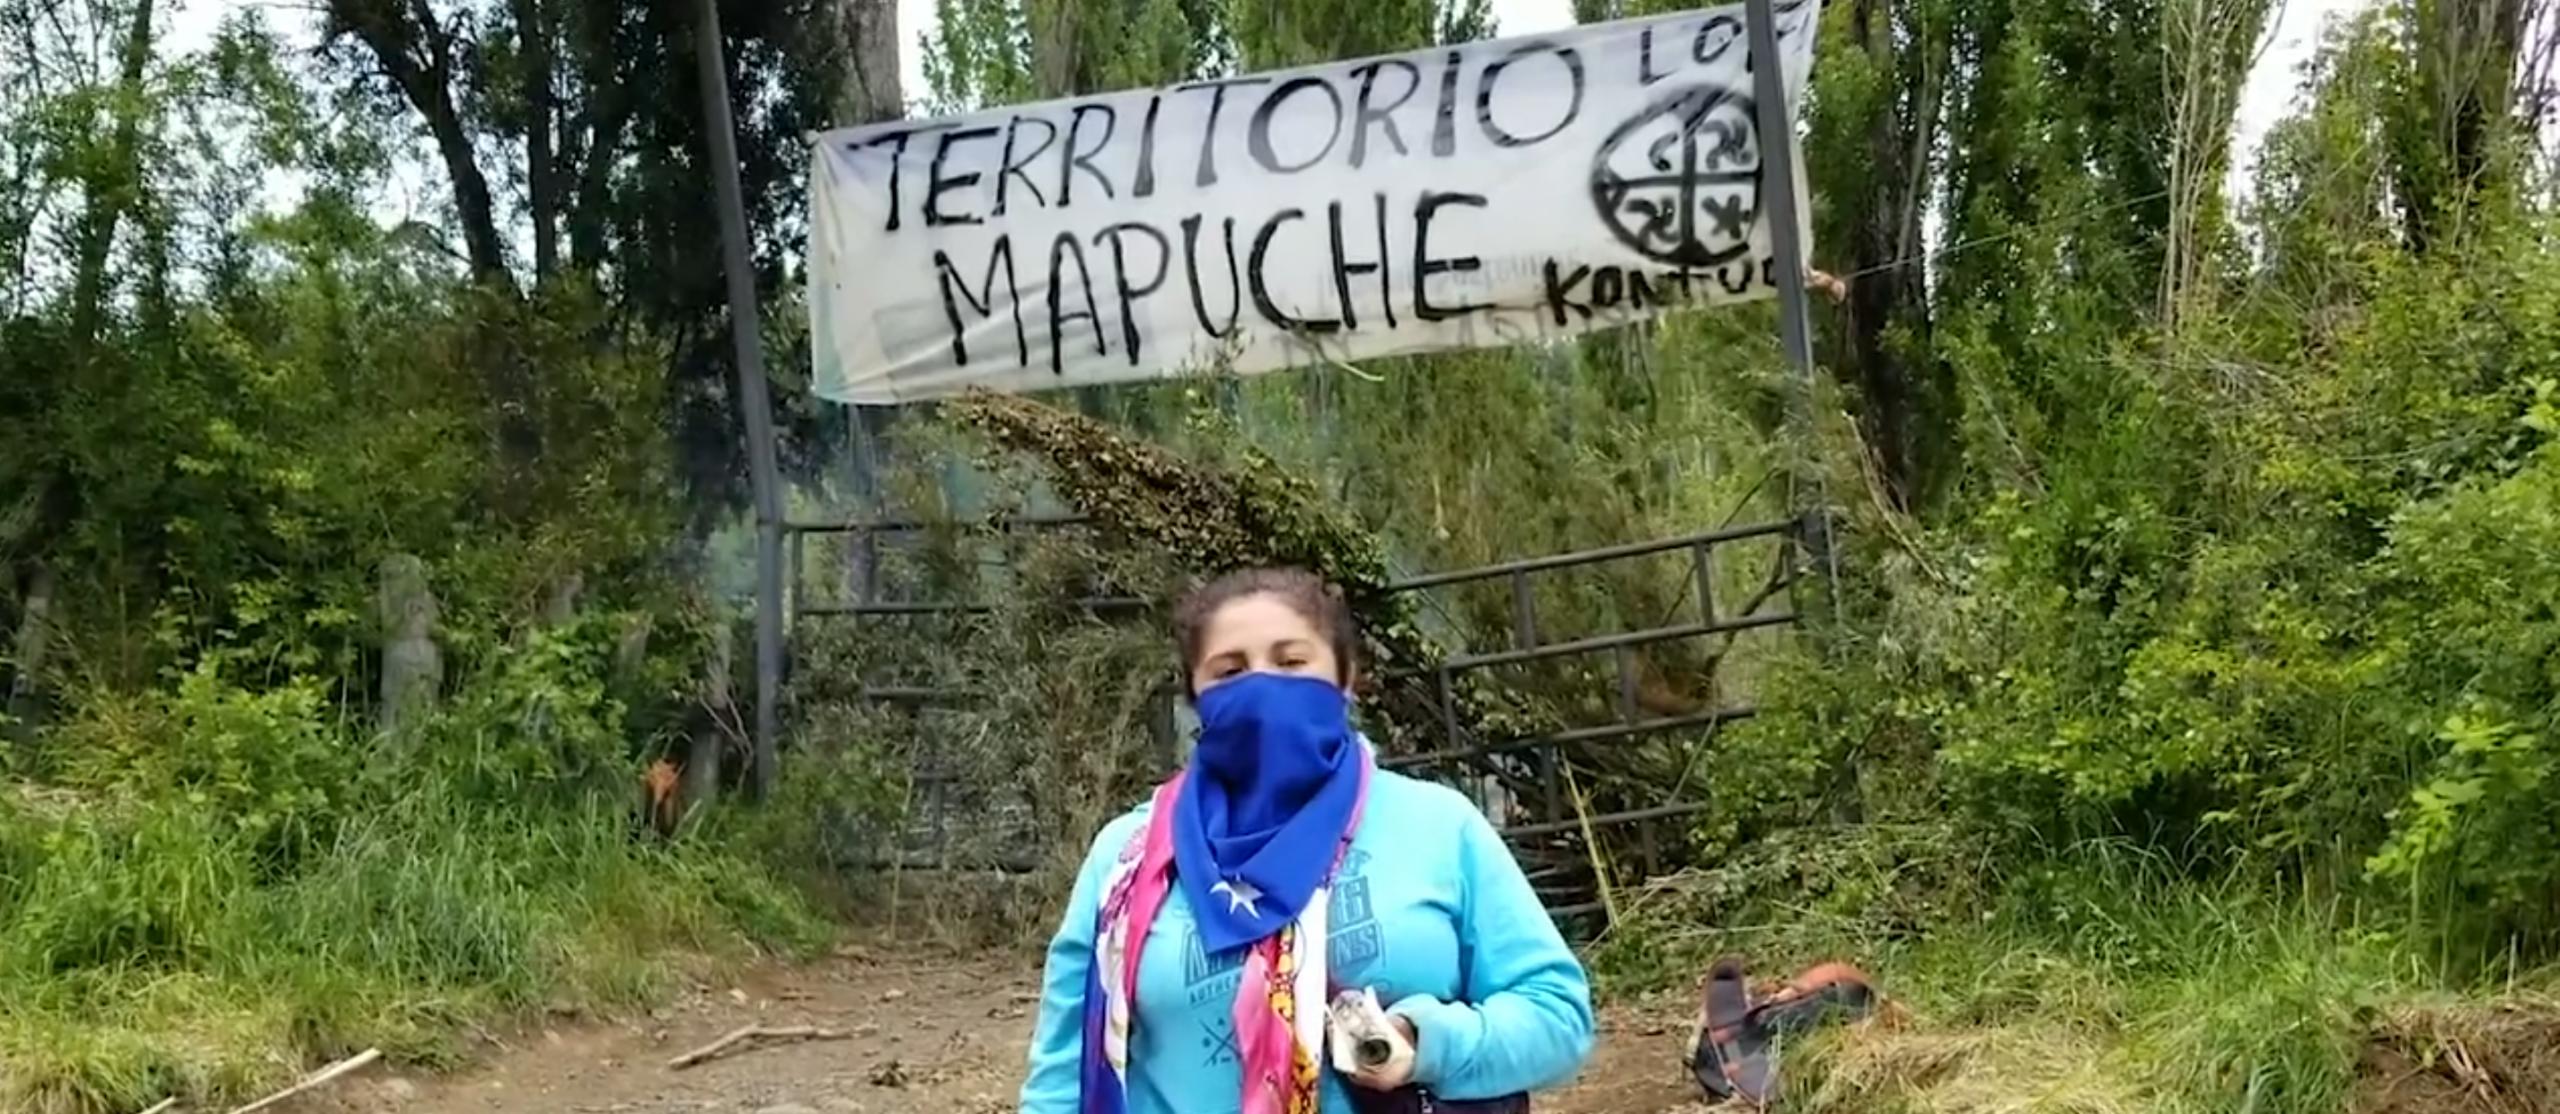 Video: Declaración a la COP25 de comunidades en Chile: no a las soluciones climáticas naturales